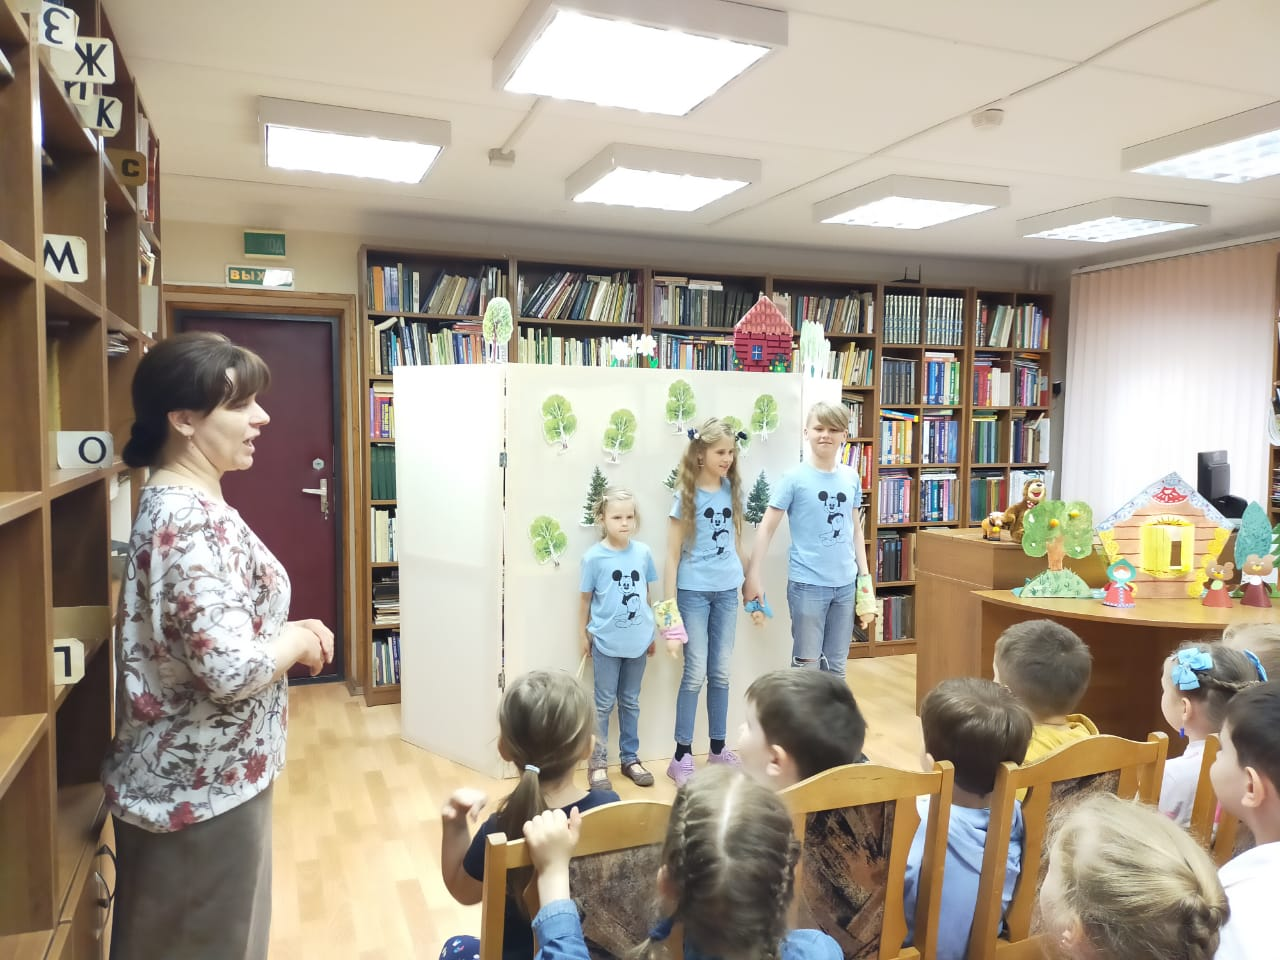 Книга-кукла-театр - Кукольный театр в библиотеке-1